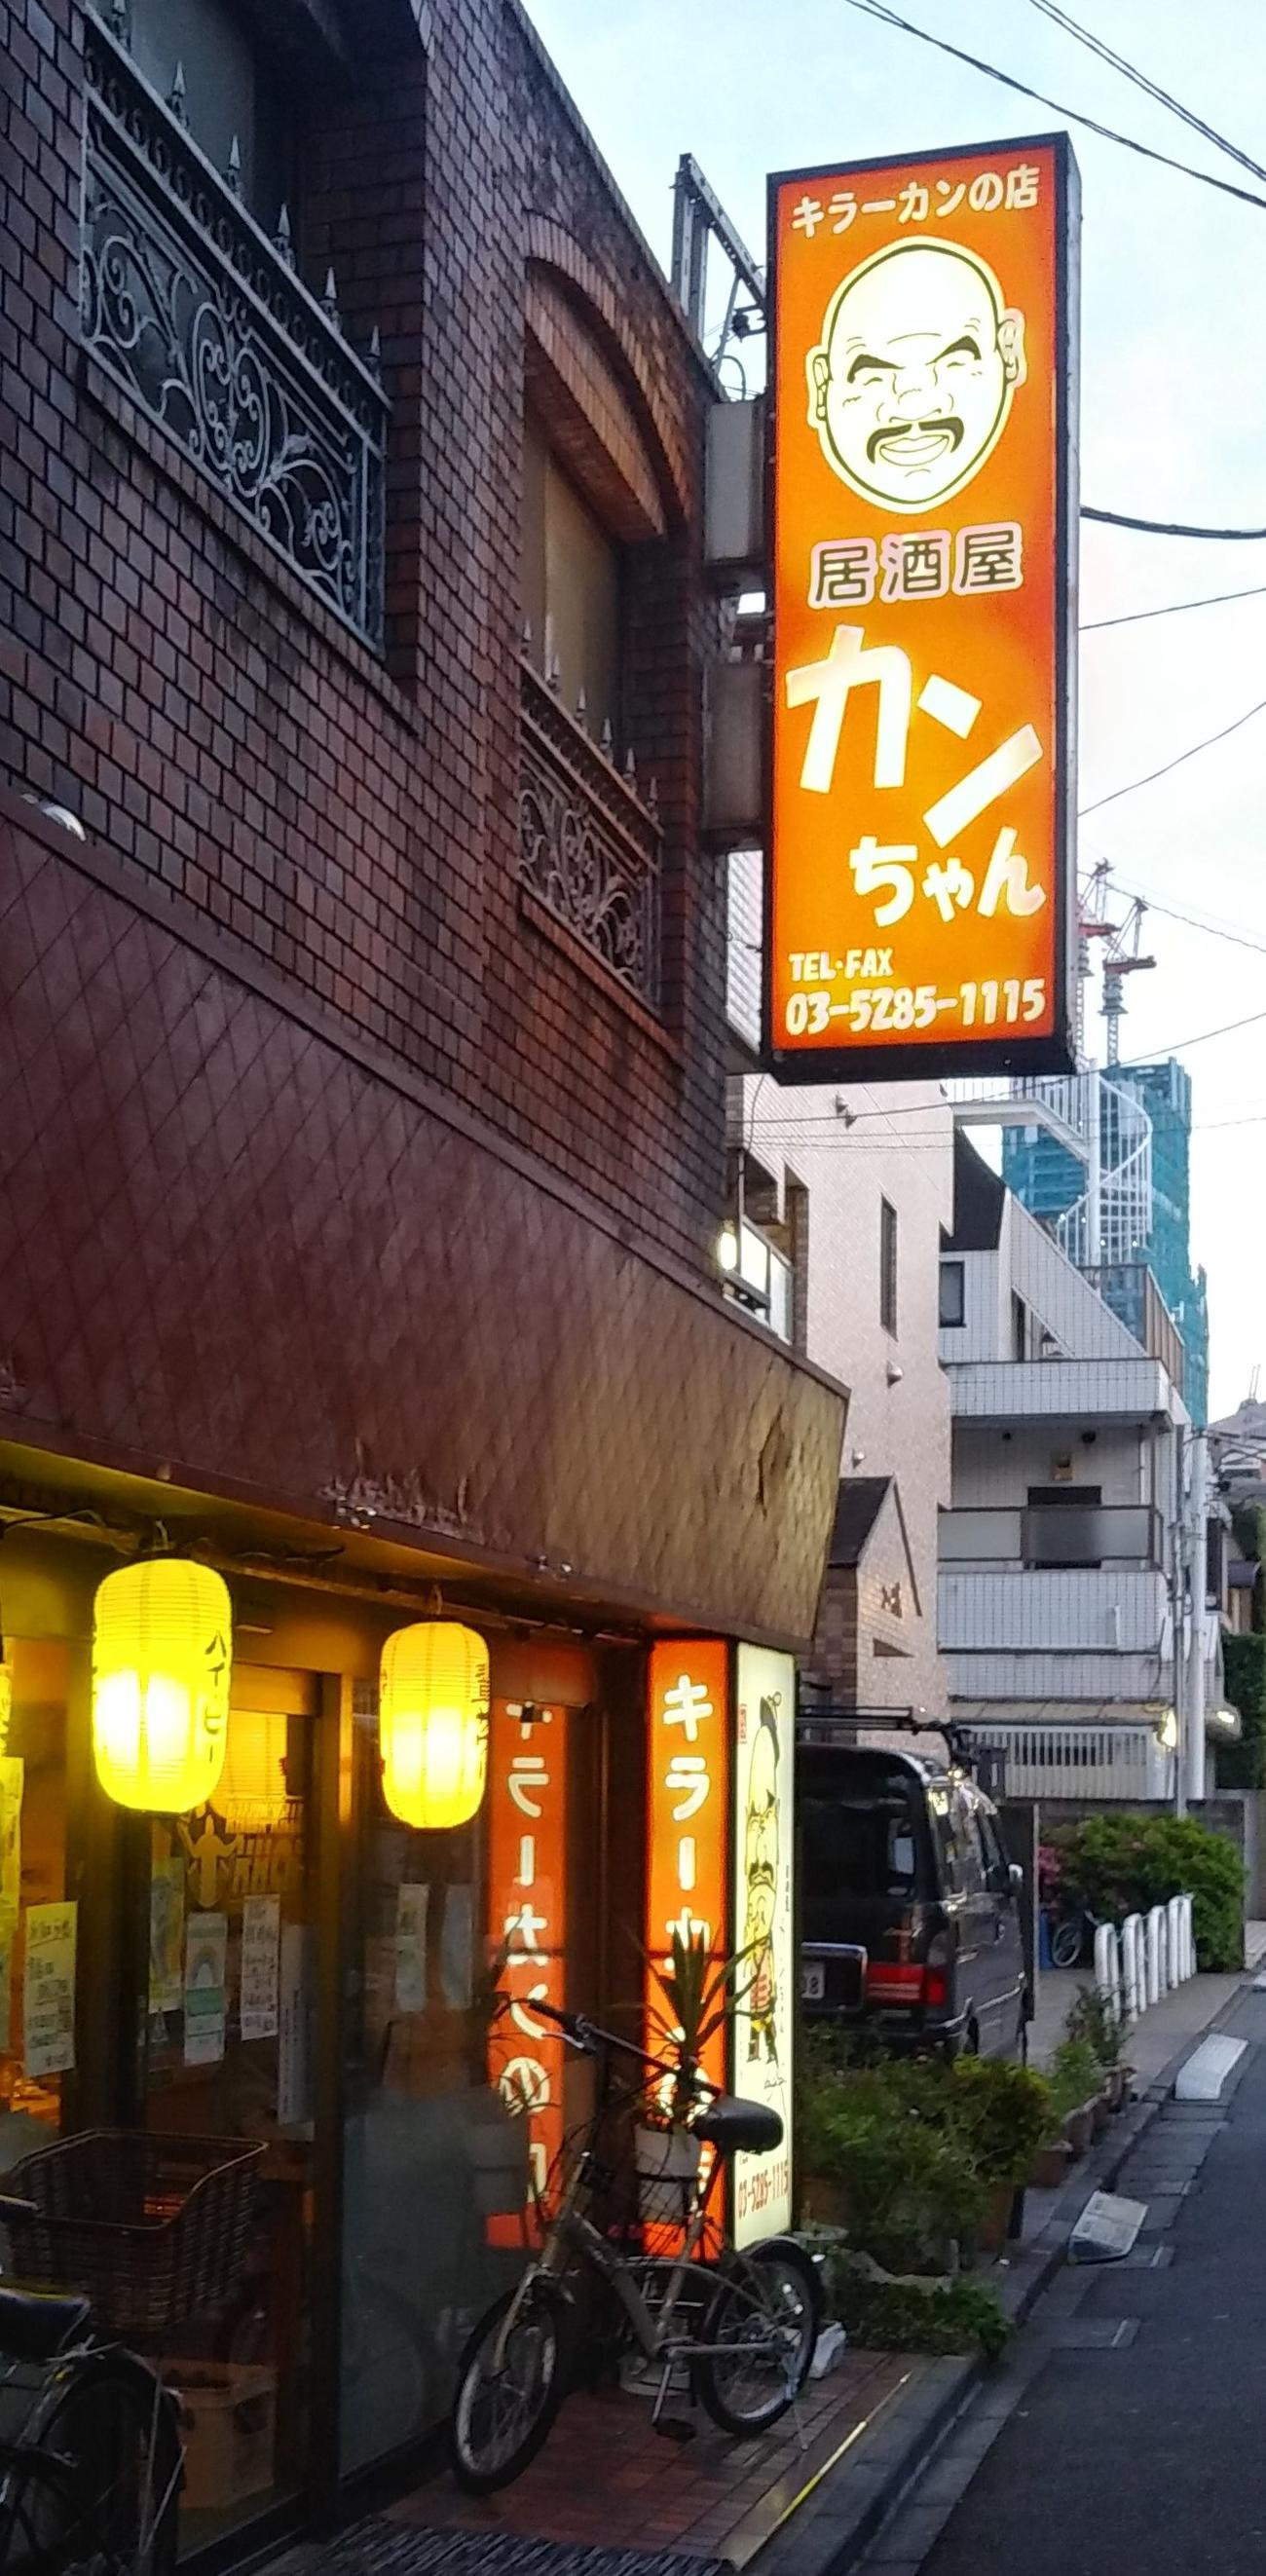 オレンジ色の似顔絵入りの看板で人気スポットにもなっている。JR新大久保駅から徒歩3分の好立地だ